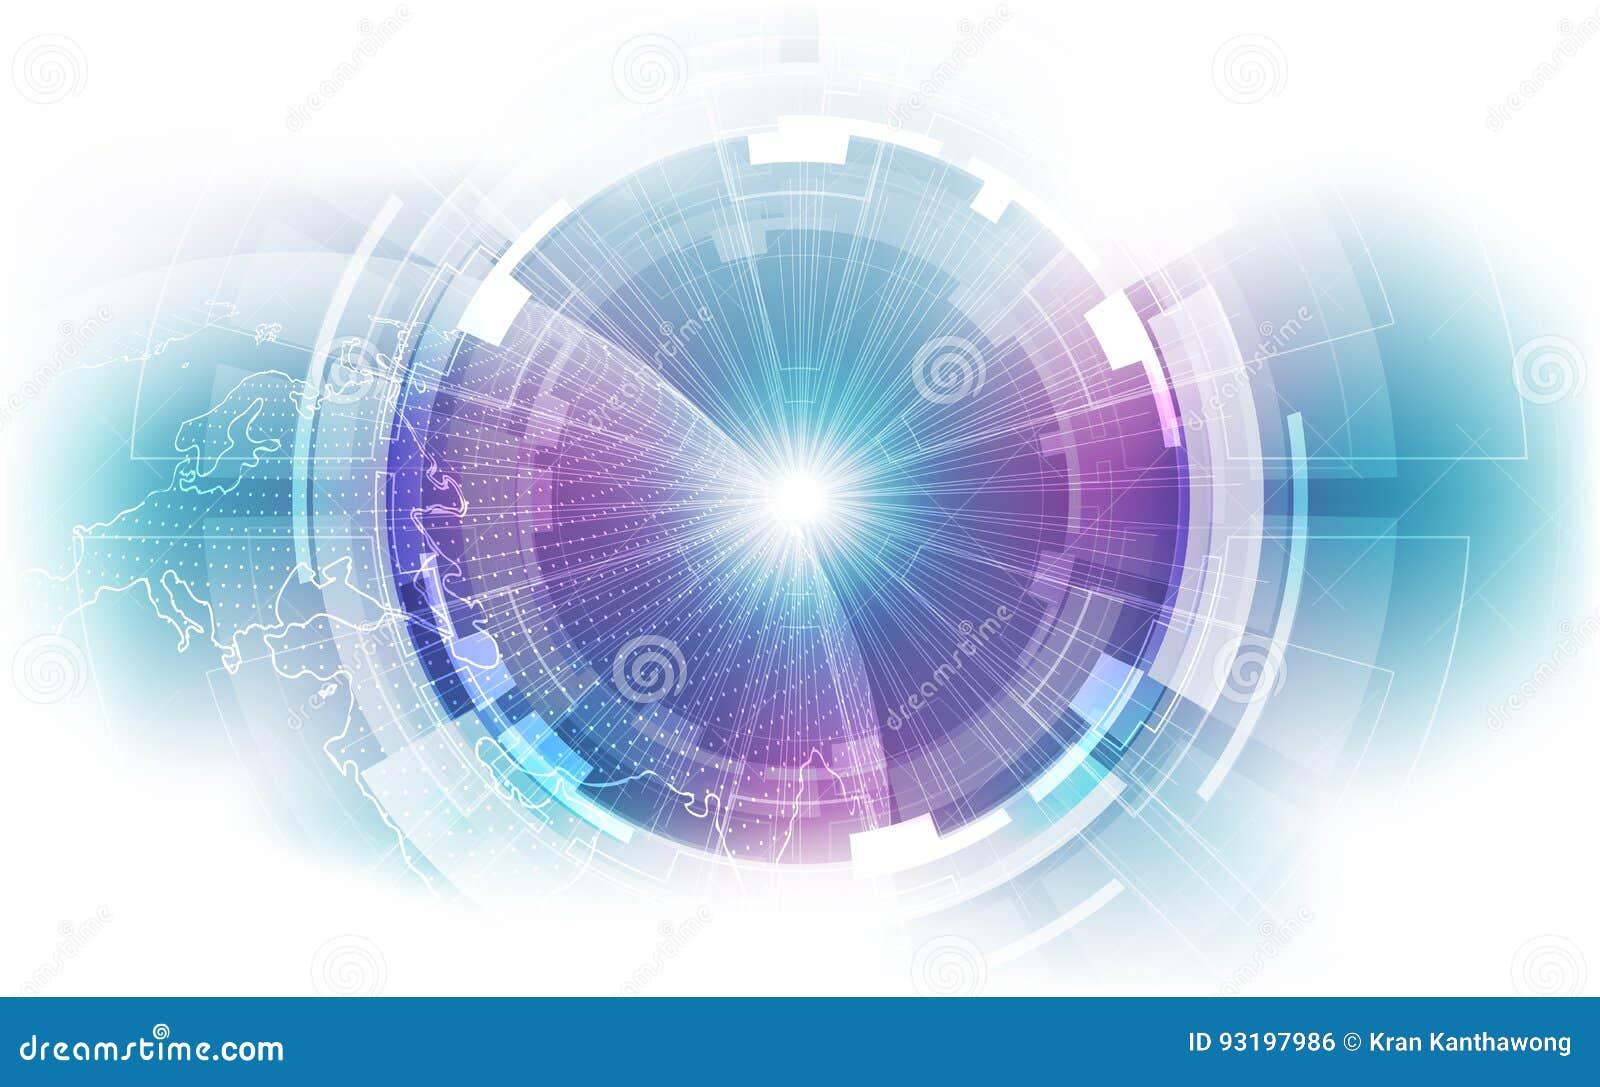 Conexión abstracta de la tecnología digital en el fondo del concepto de la tierra, ejemplo del vector